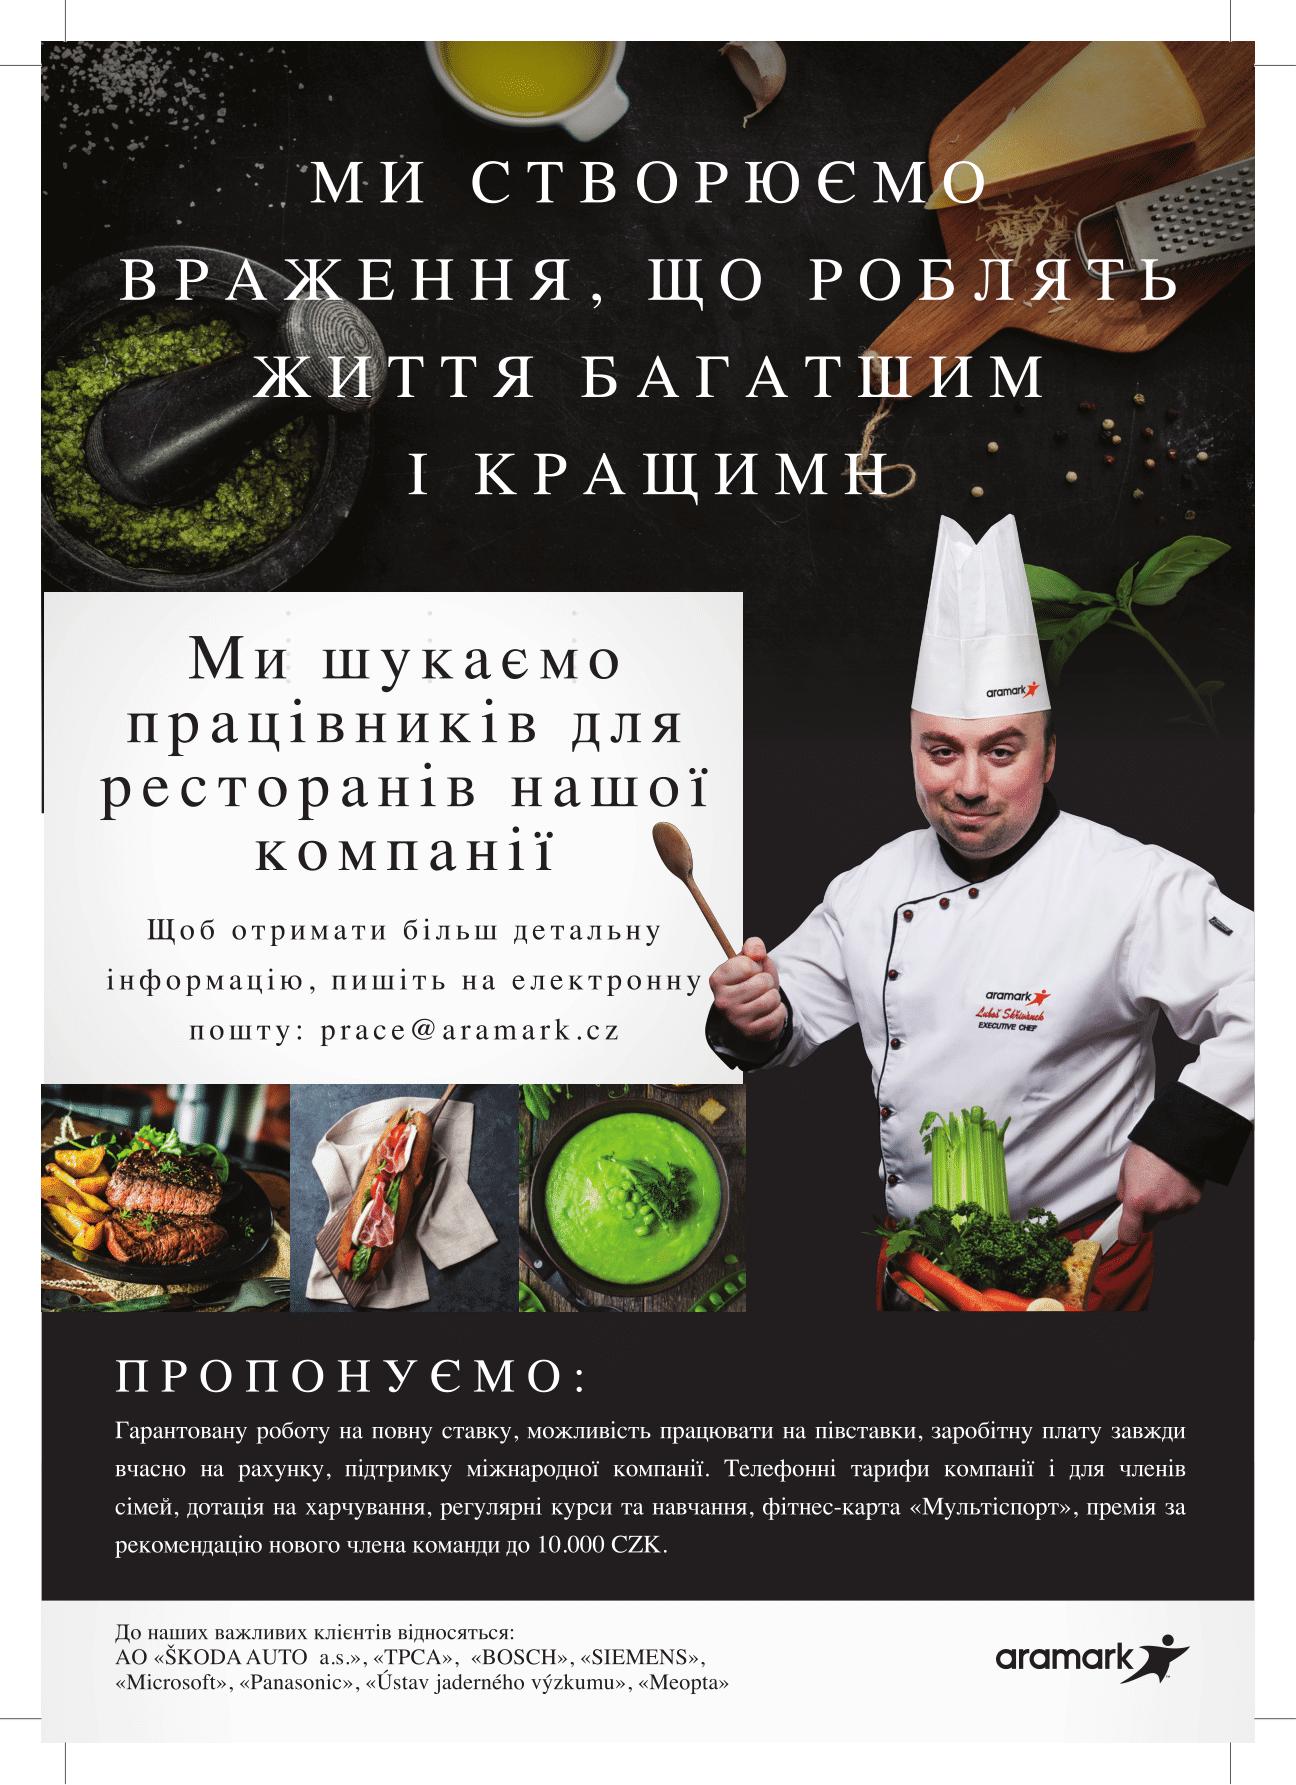 Работа в Чехии поваром